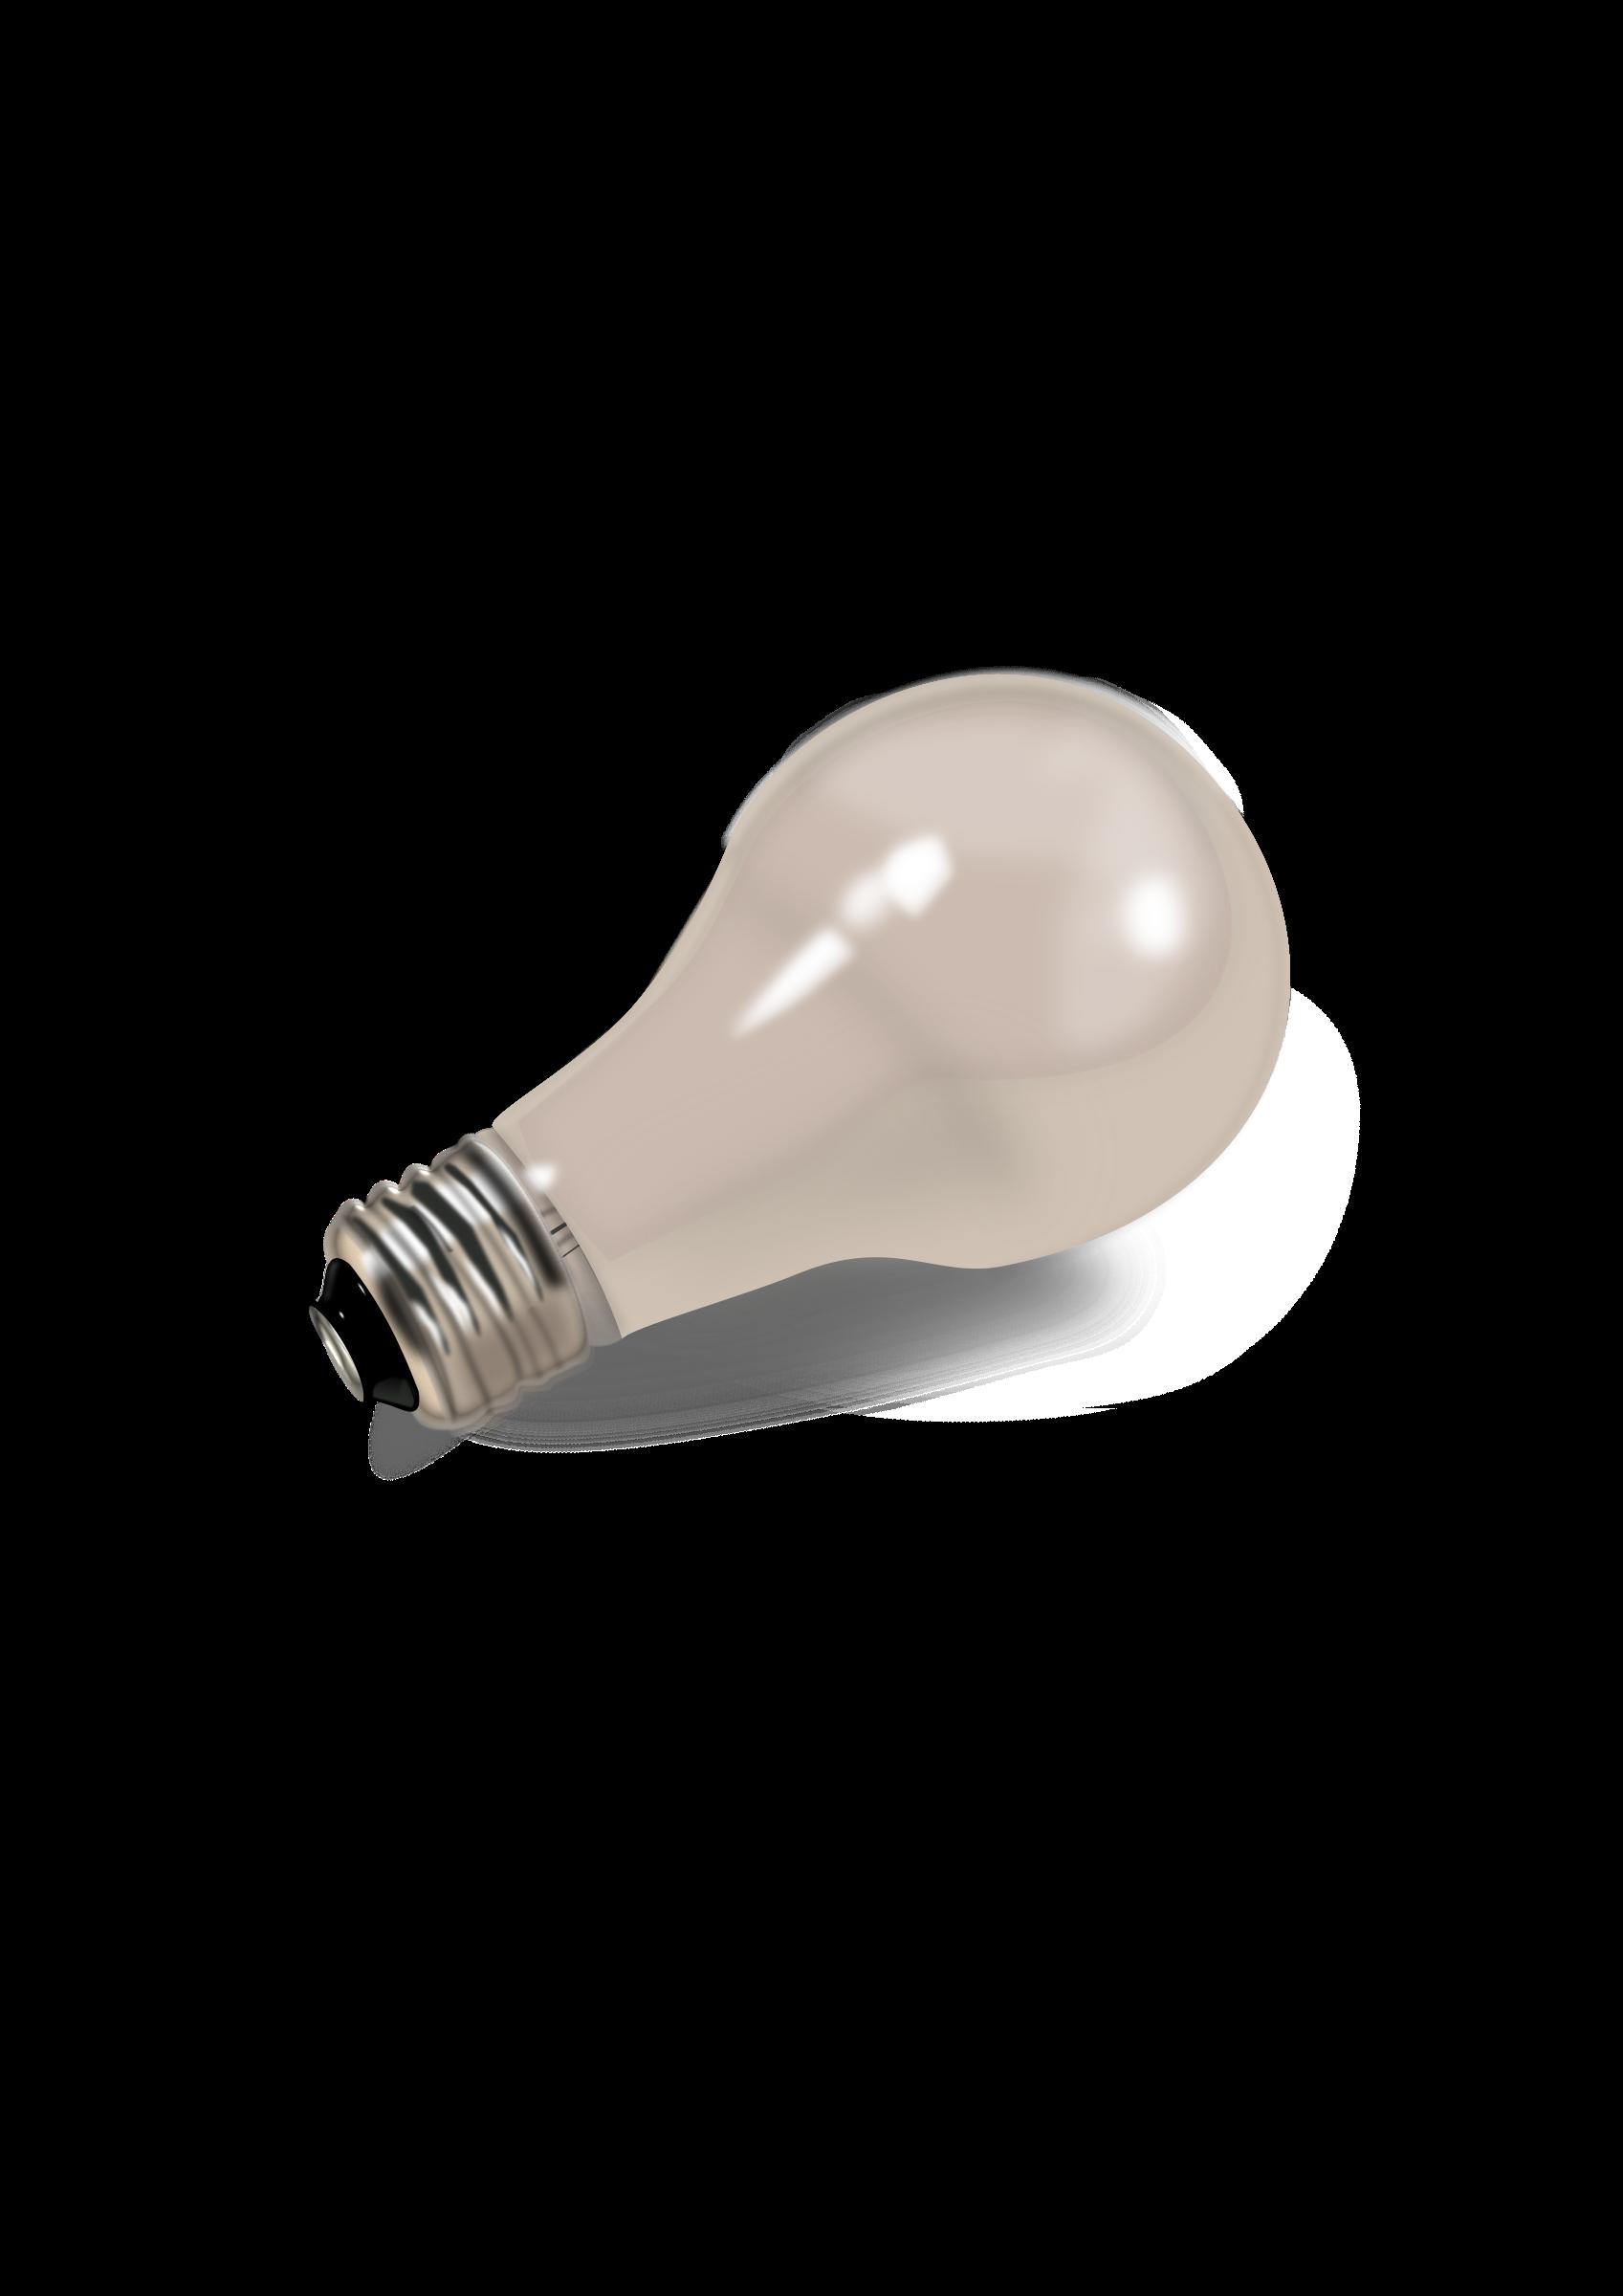 Clipart lampadina big image. Light bulb clip art realistic